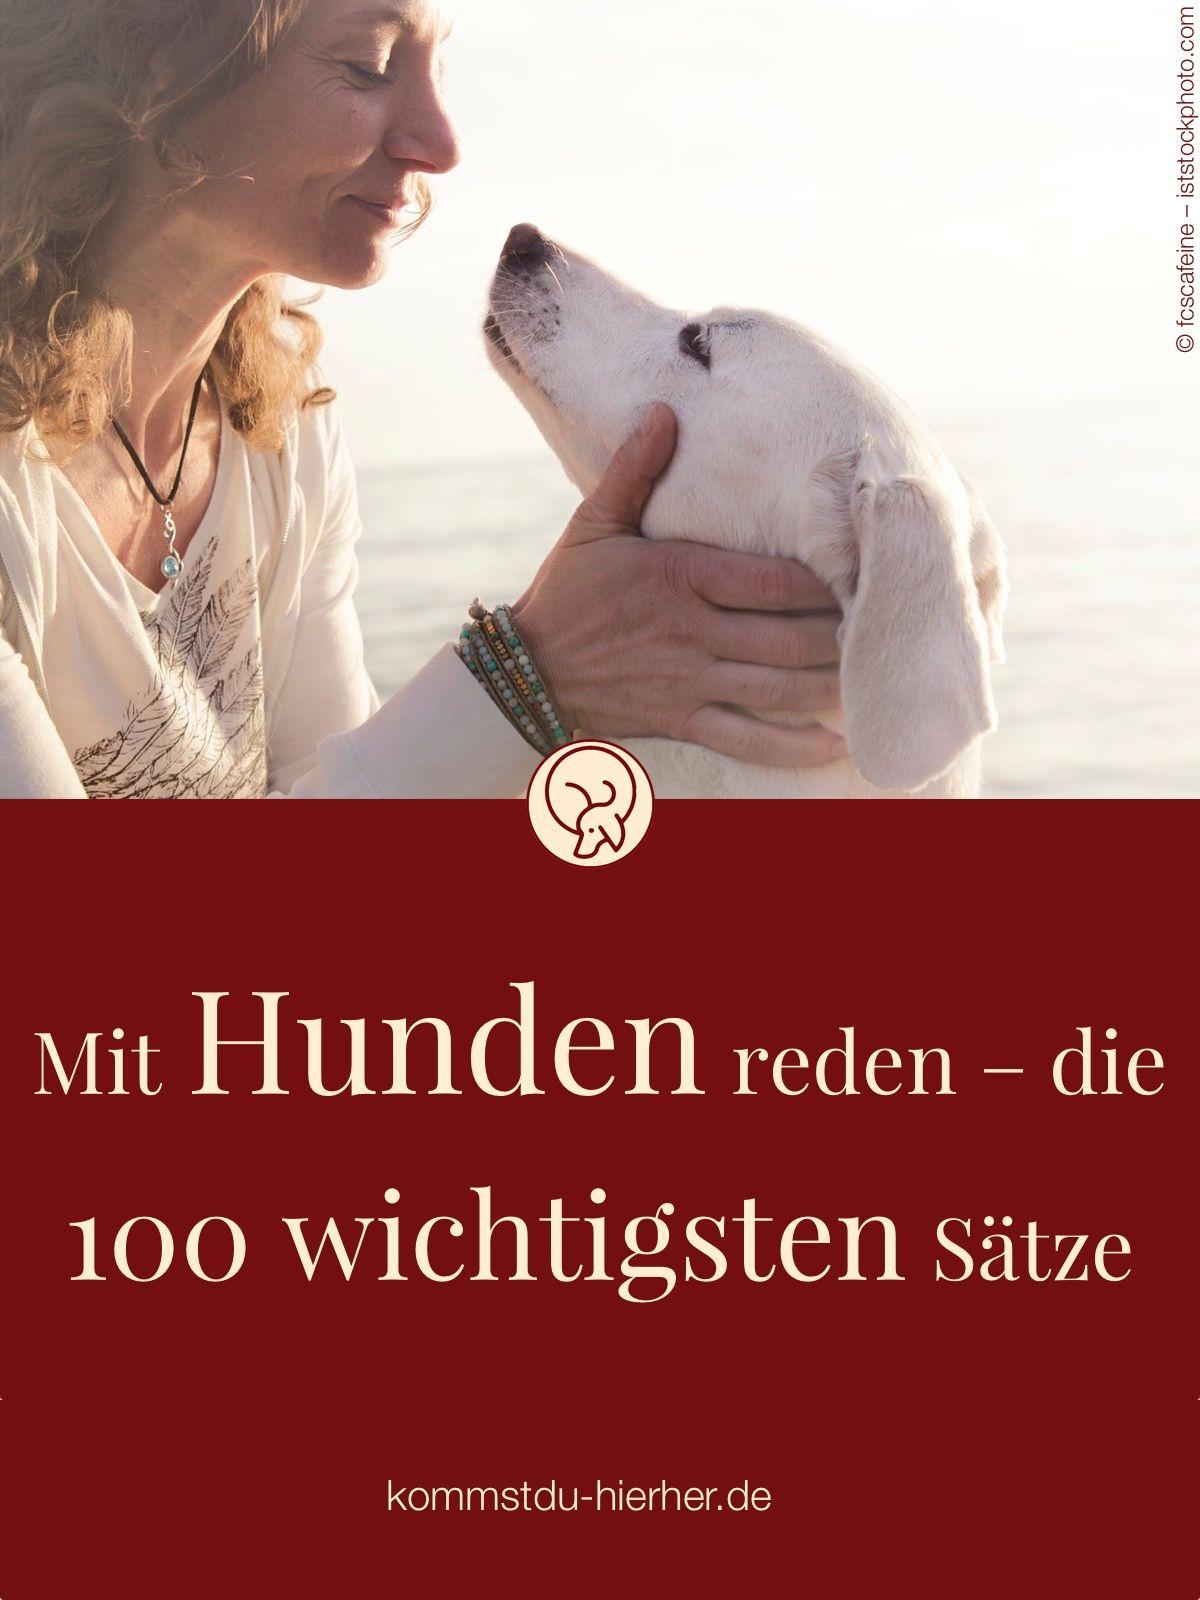 Mit Hunden Reden Die 100 Wichtigsten Satze Hunde Verstehen Hunde Hundeverhalten